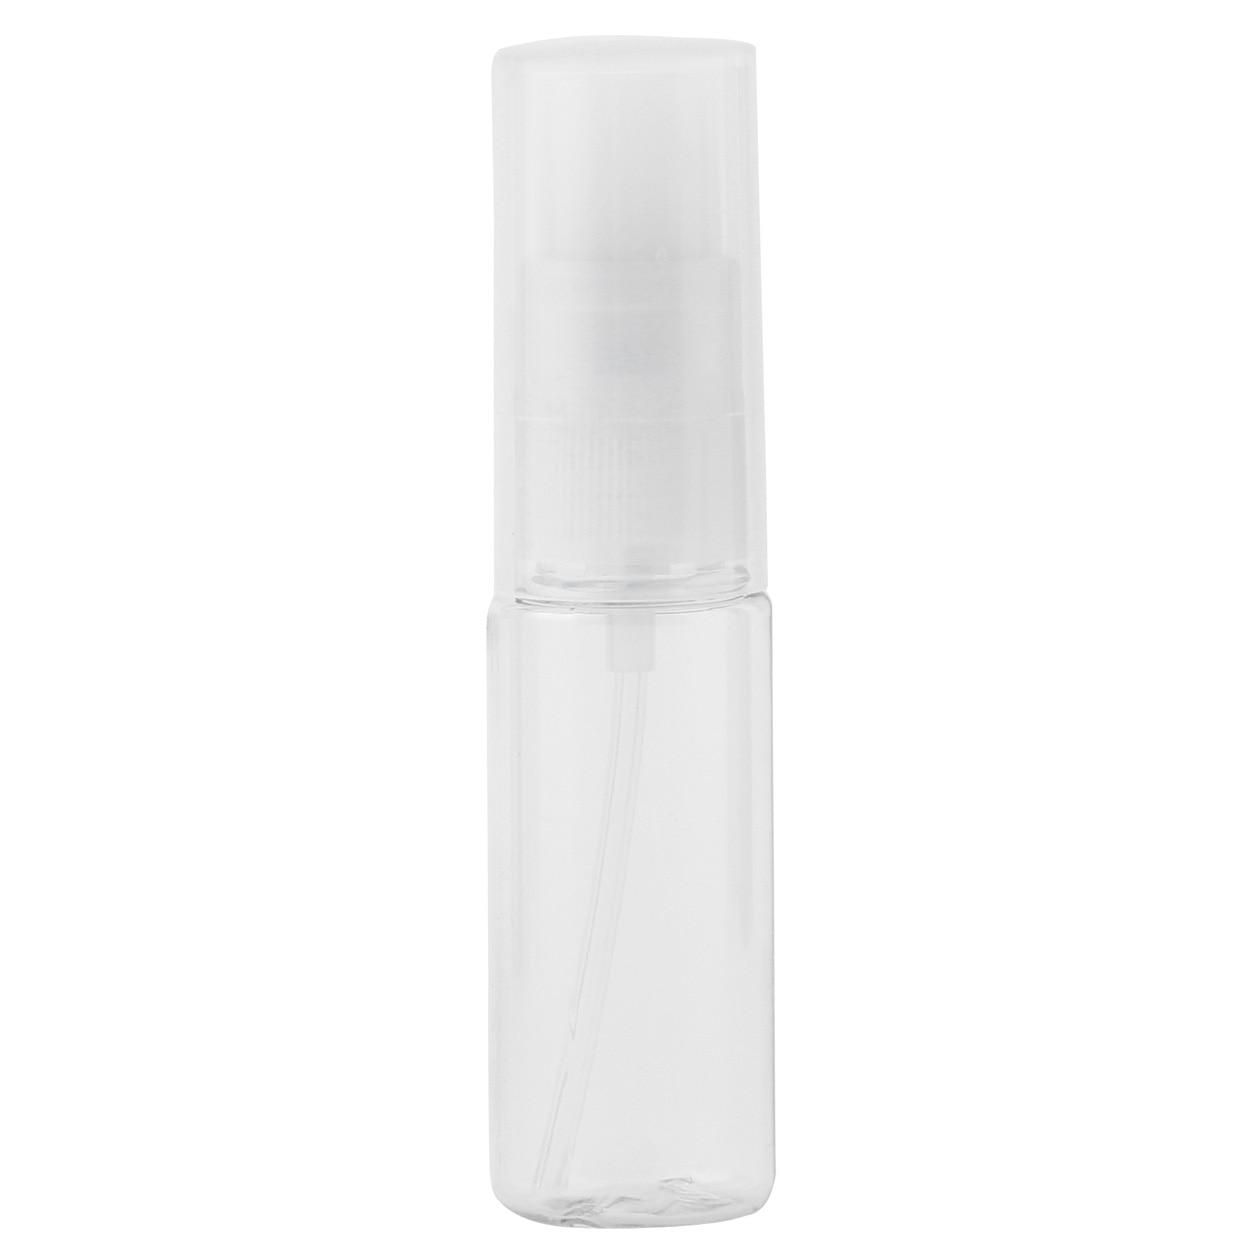 PET小分けボトルスプレータイプ・12ml